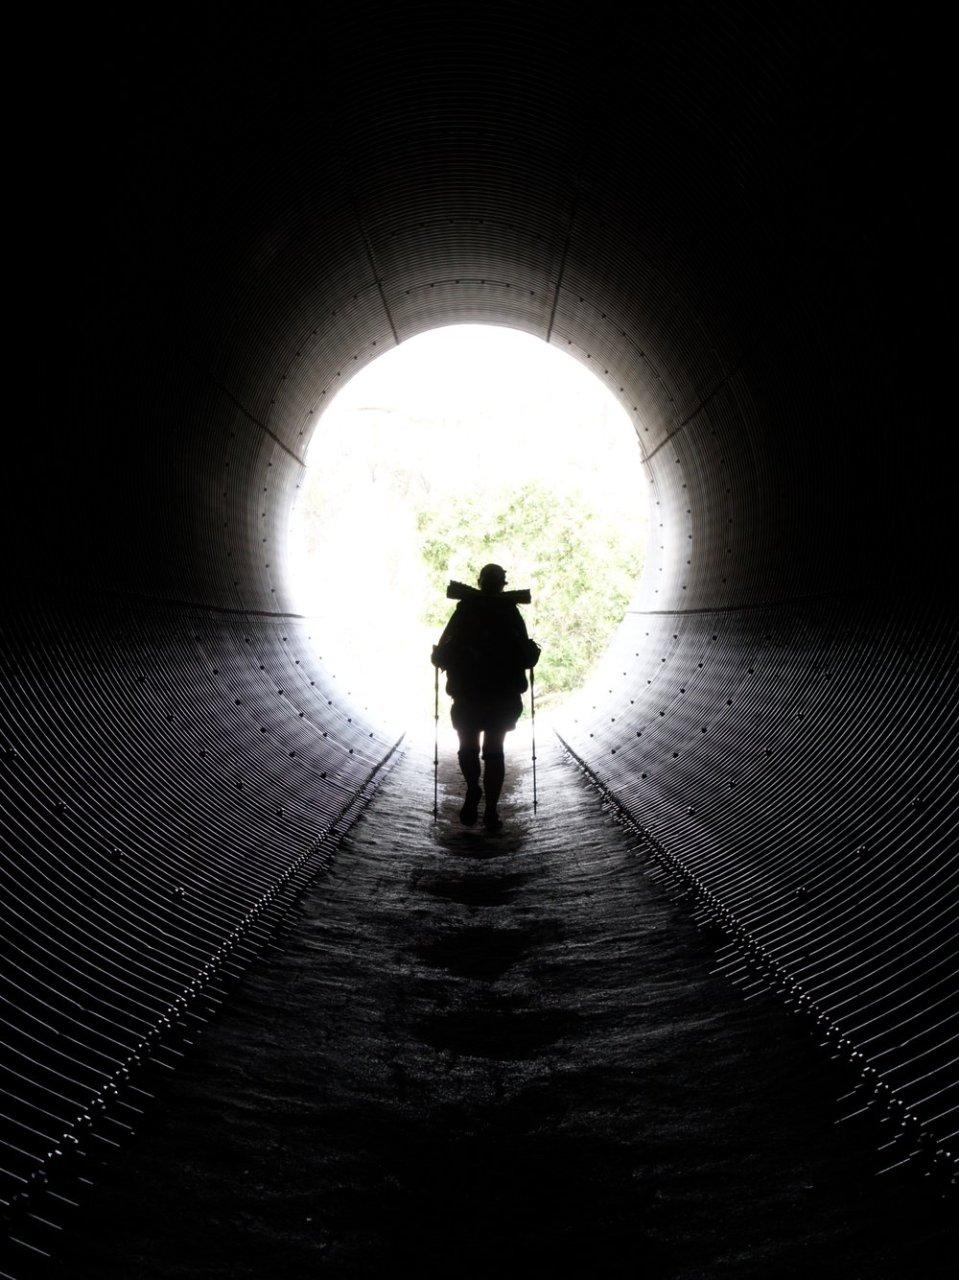 Tunnels that create paths under highways.